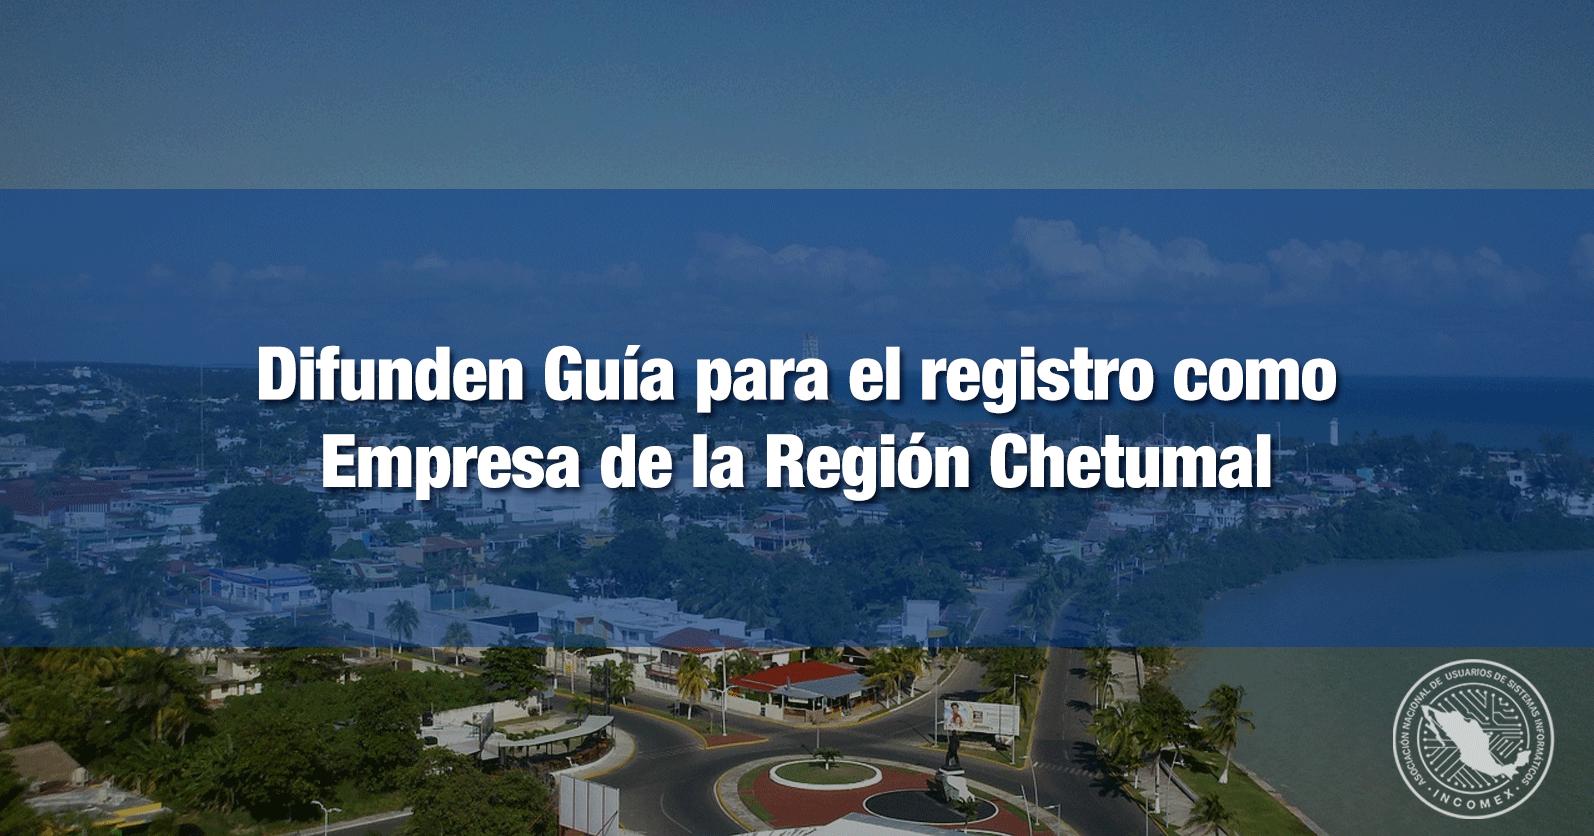 Difunden Guía para el registro como Empresa de la Región Chetumal